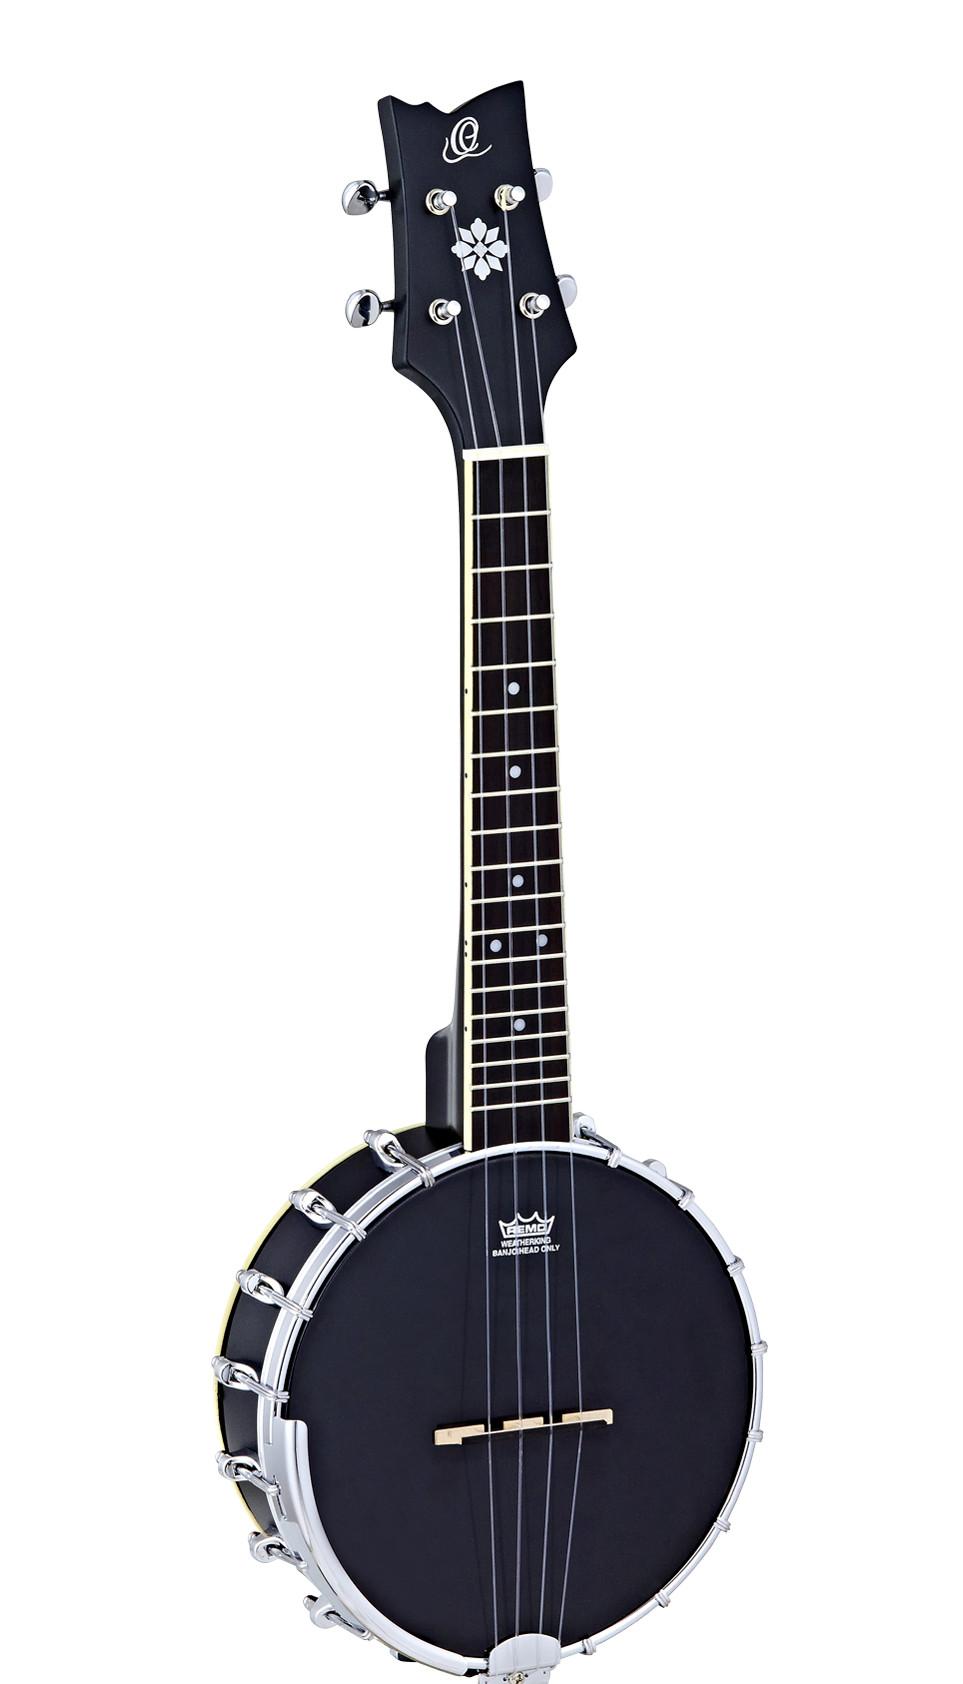 Ortega Raven Black Banjo Ukulele Uke Boutique